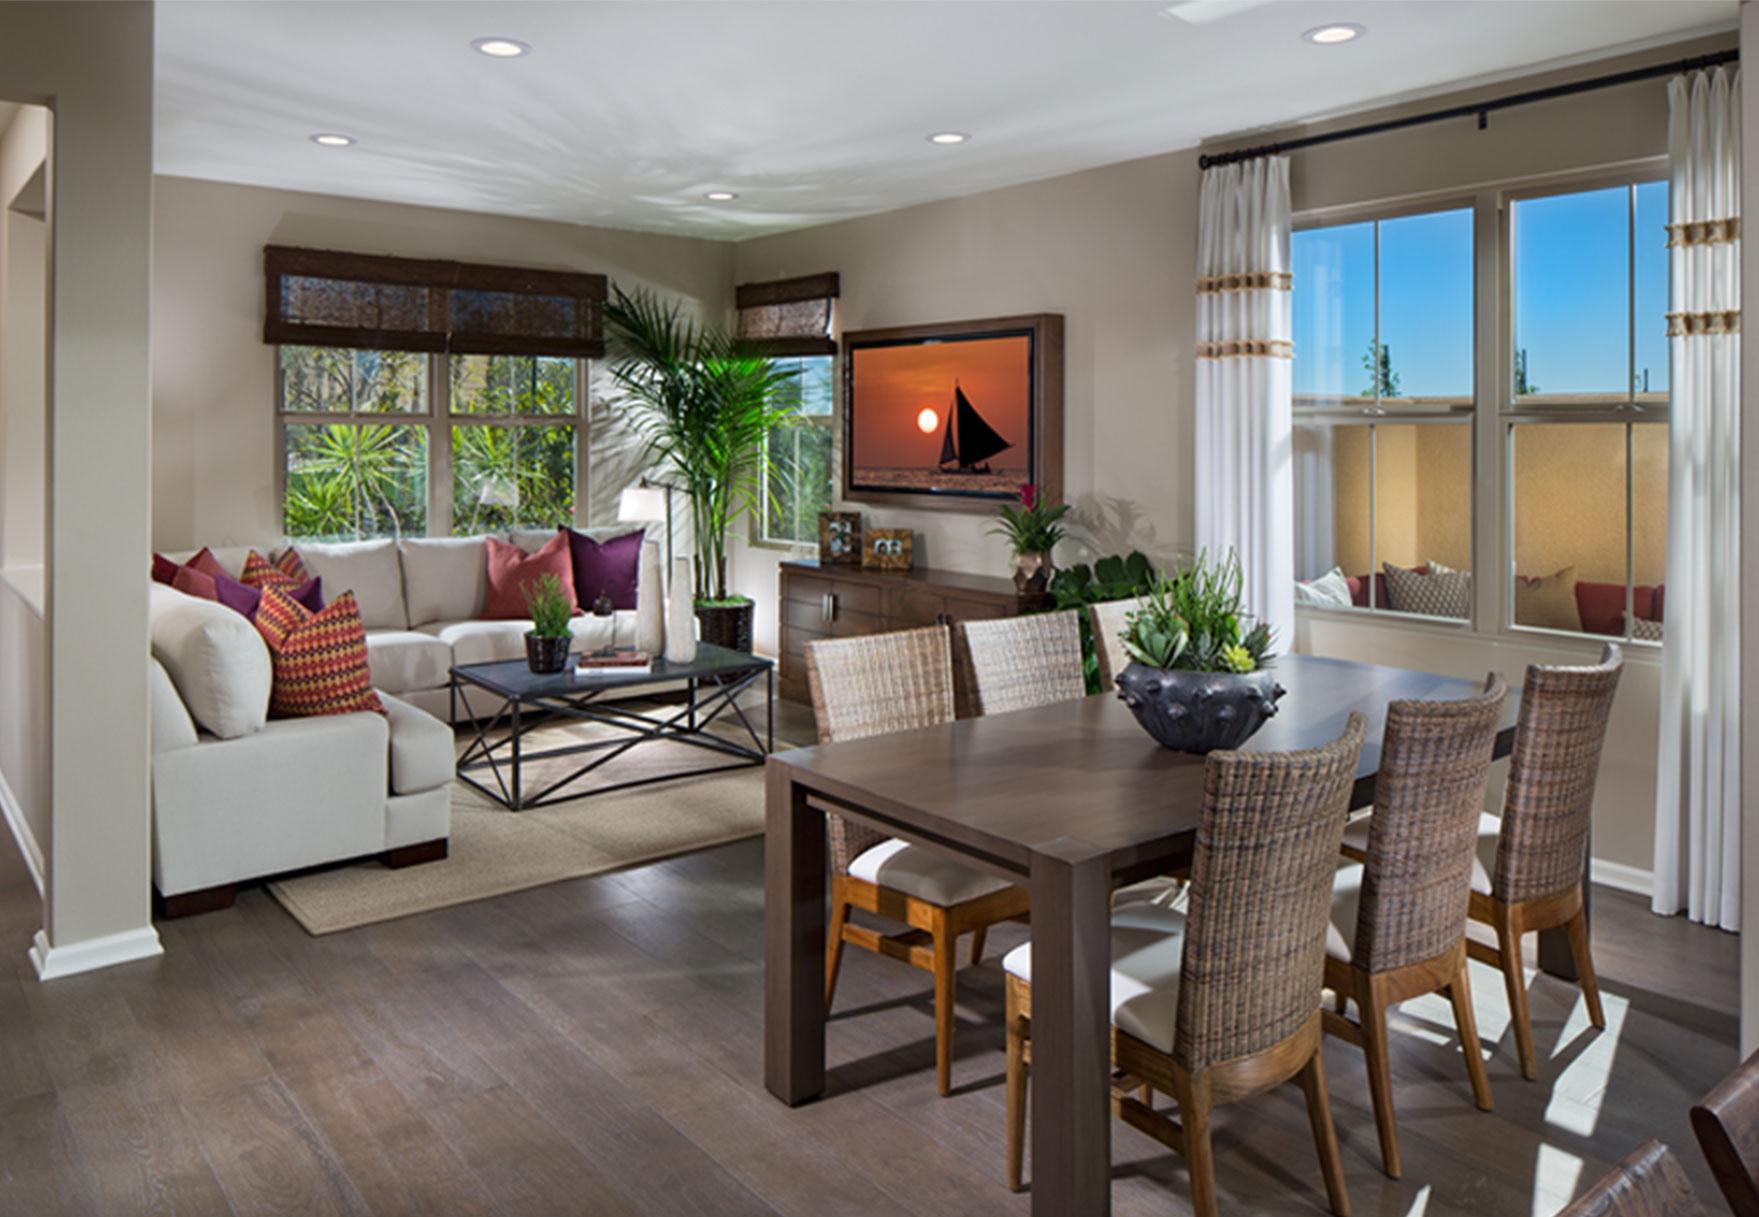 Kb Homes Design Center California on oakwood homes design center, plantation homes design center, ryland homes design center, shea homes design center, centex homes design center,